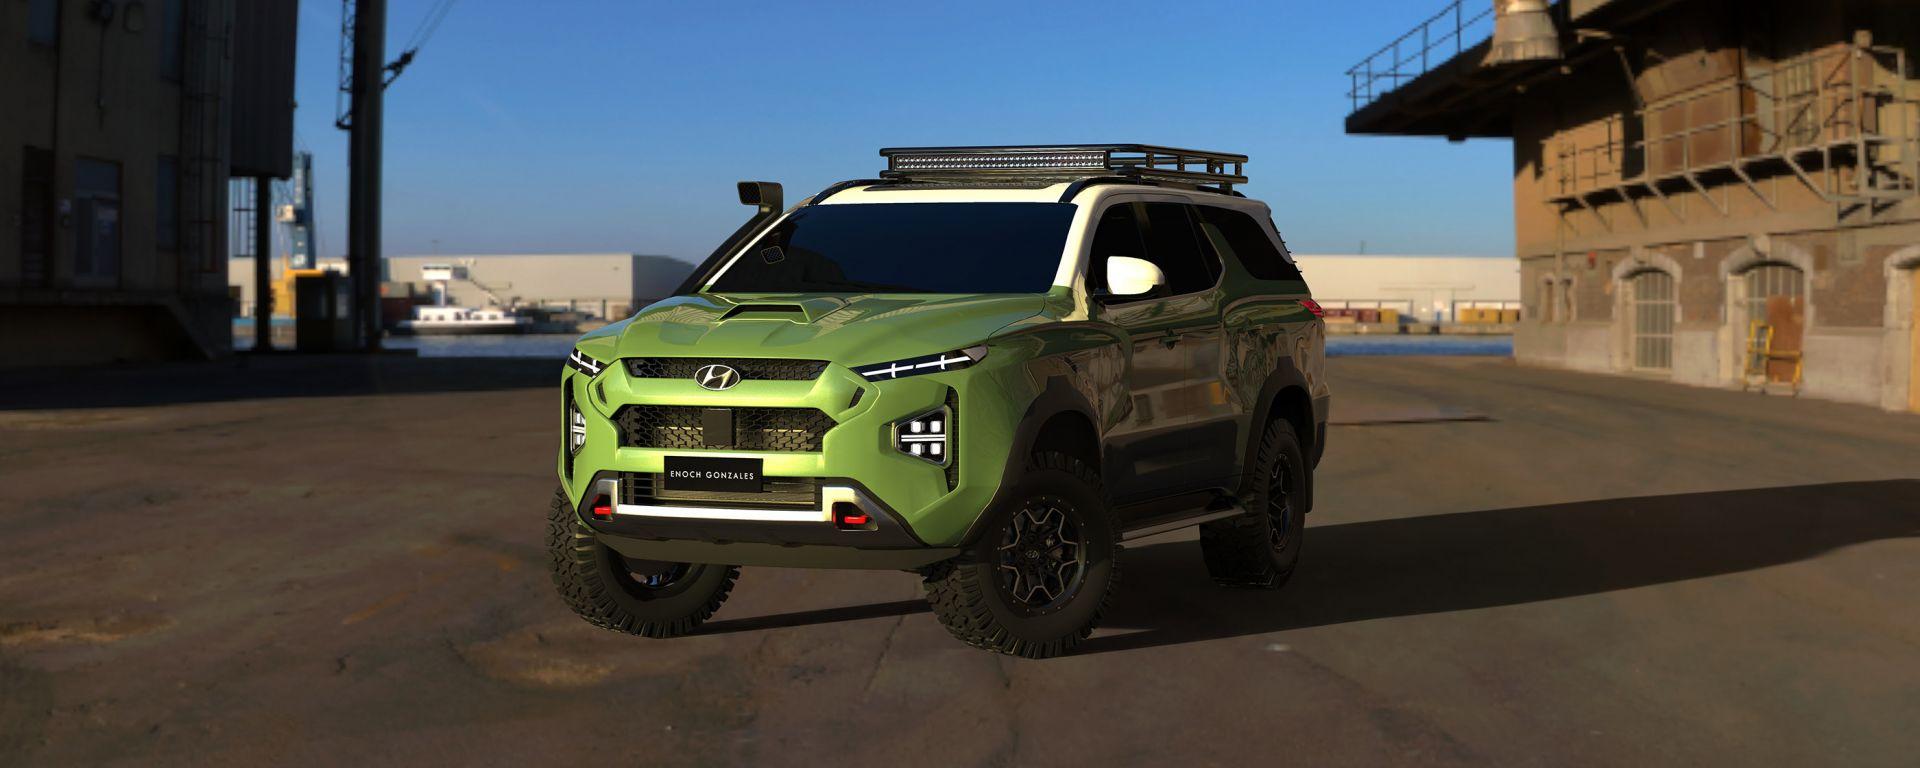 Fuoristrada Hyundai: il rendering di Enoch Gabriel Gonzales